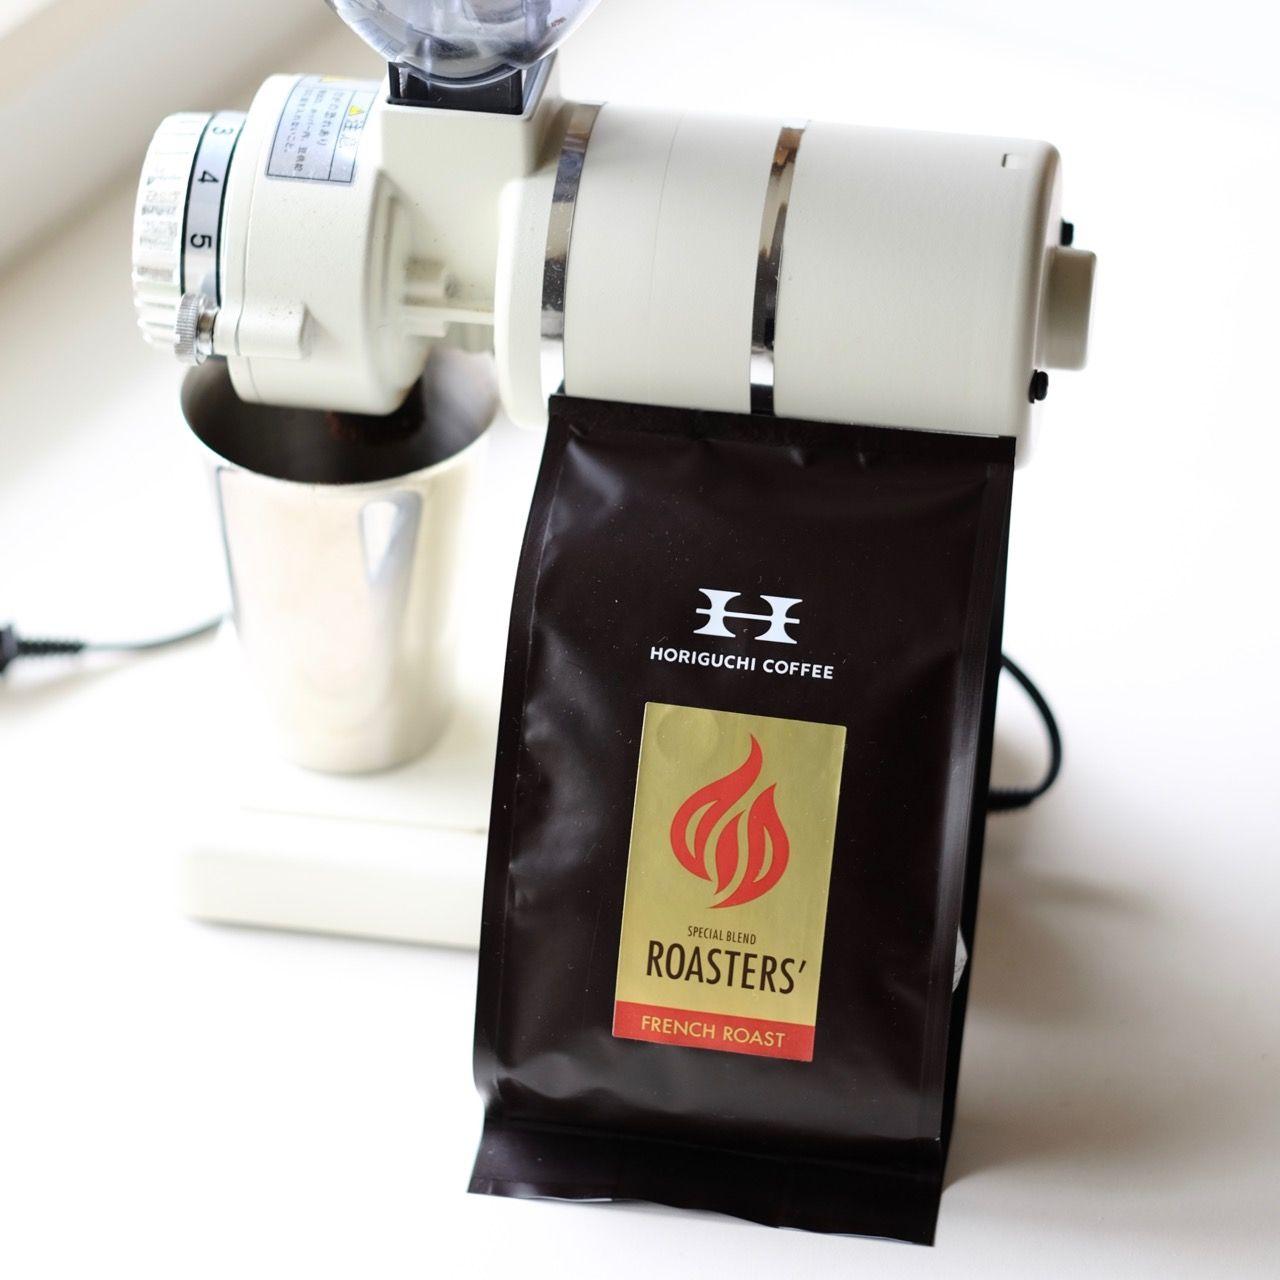 コーヒー通販 堀口珈琲roasters Blendでホッと一息 Coffee飲んでスクワット コーヒー 珈琲 堀口